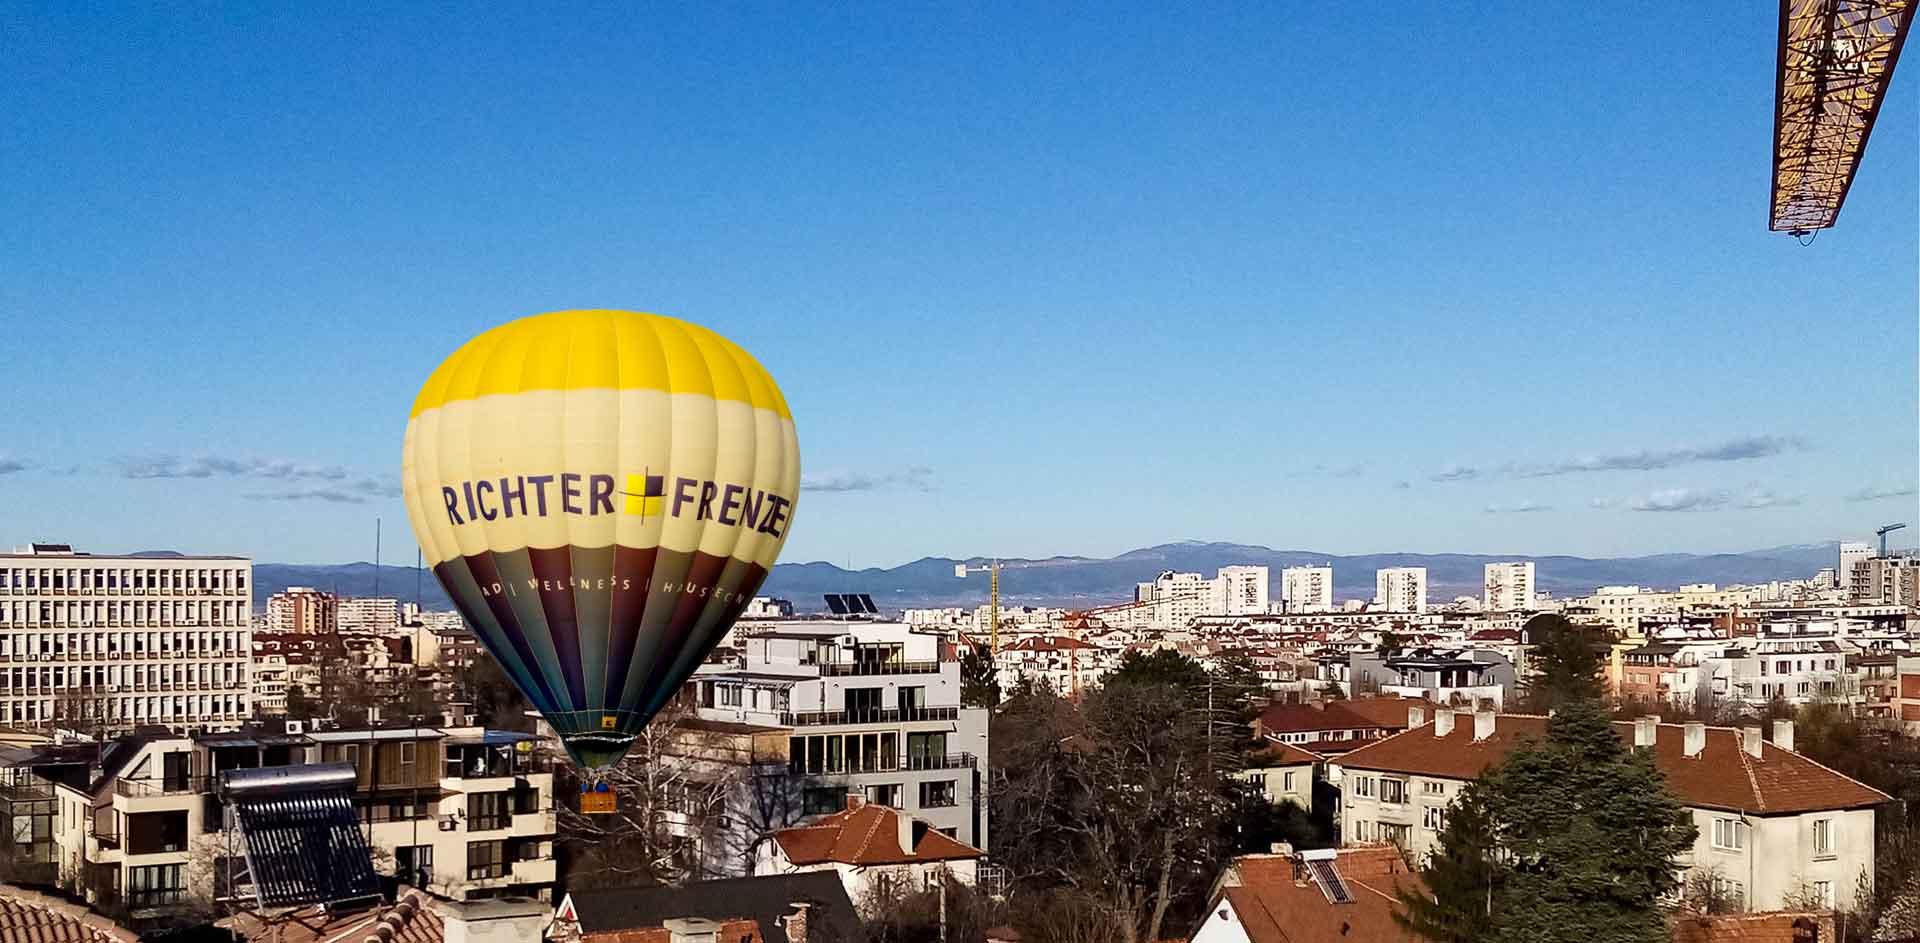 Продава се апартамент, ново строителство, бул. Братя Бъкстон 44, от където ще се излети с топловъздушен балон